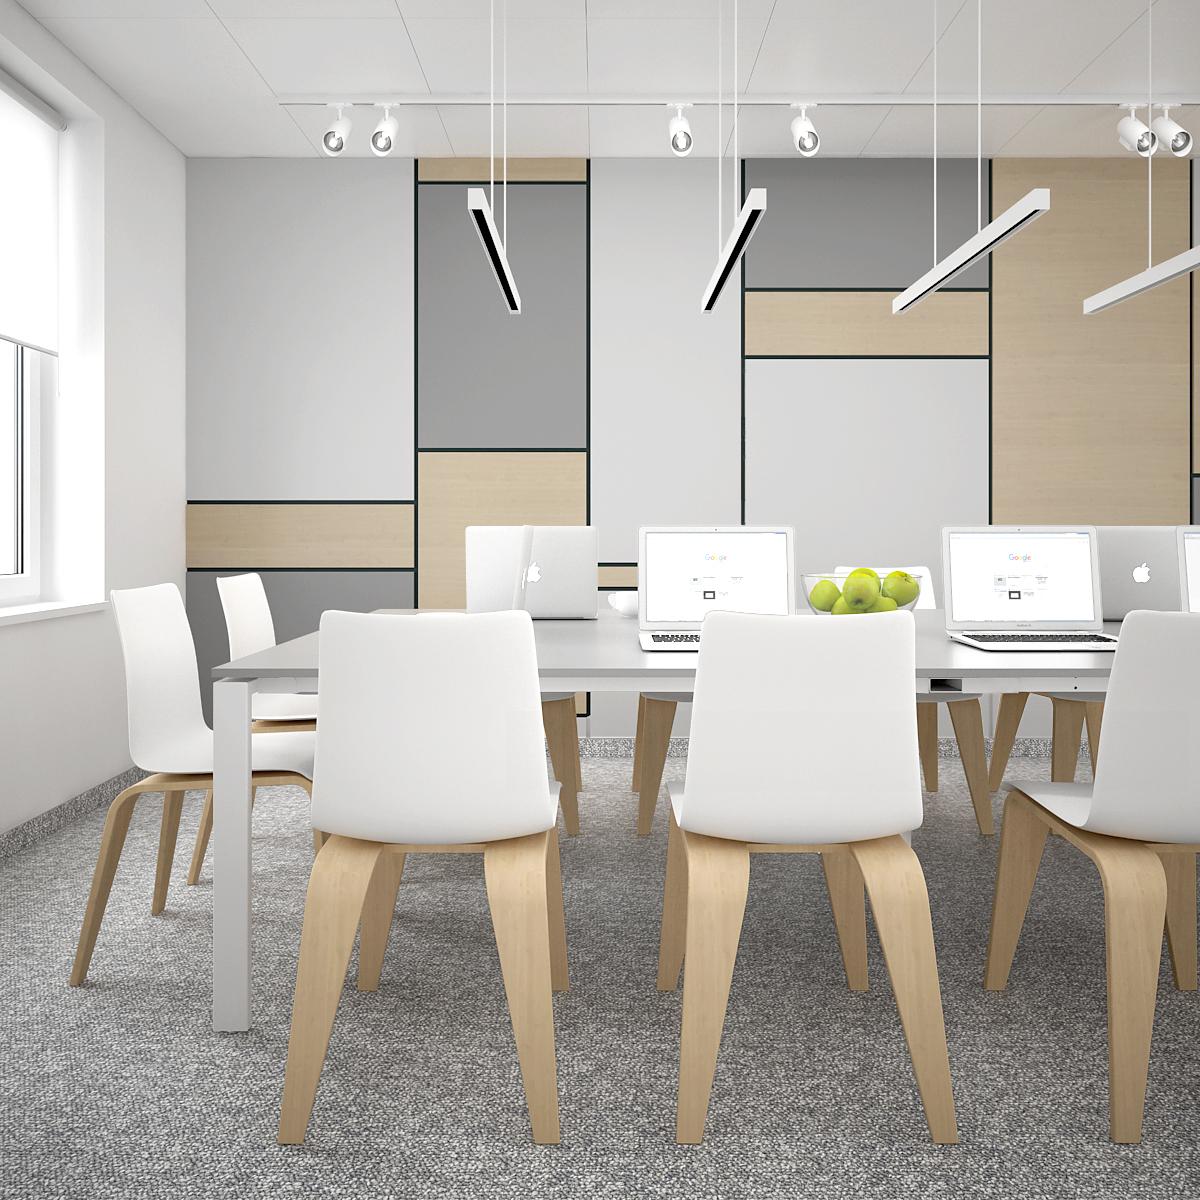 3 aranzacja biura B128 biuro krakow sala konferencyjna nowoczene krzesla stol konferencyjny panele na scienie wiszace lampy liniowe